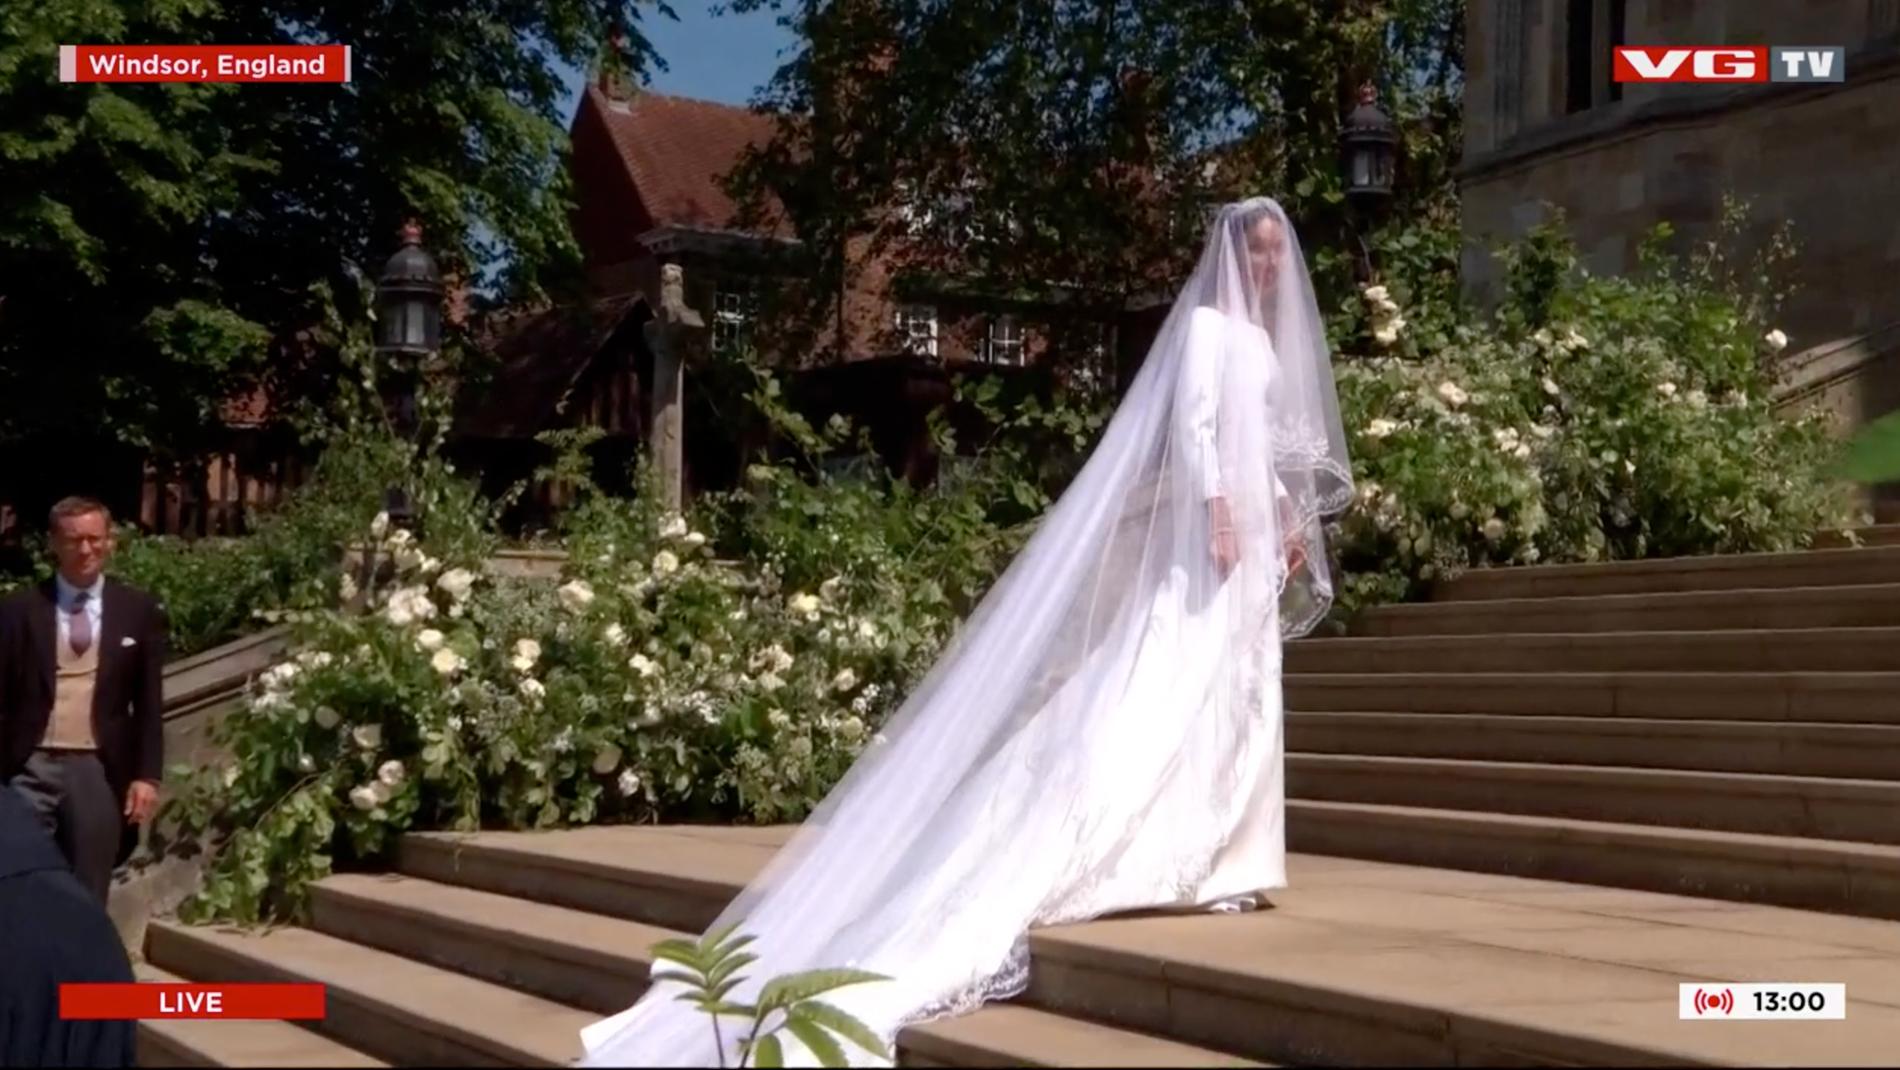 GIVENCHY: Meghan Markle valgte en enkel, benhvit kjole fra det franske motehuset Givenchy.